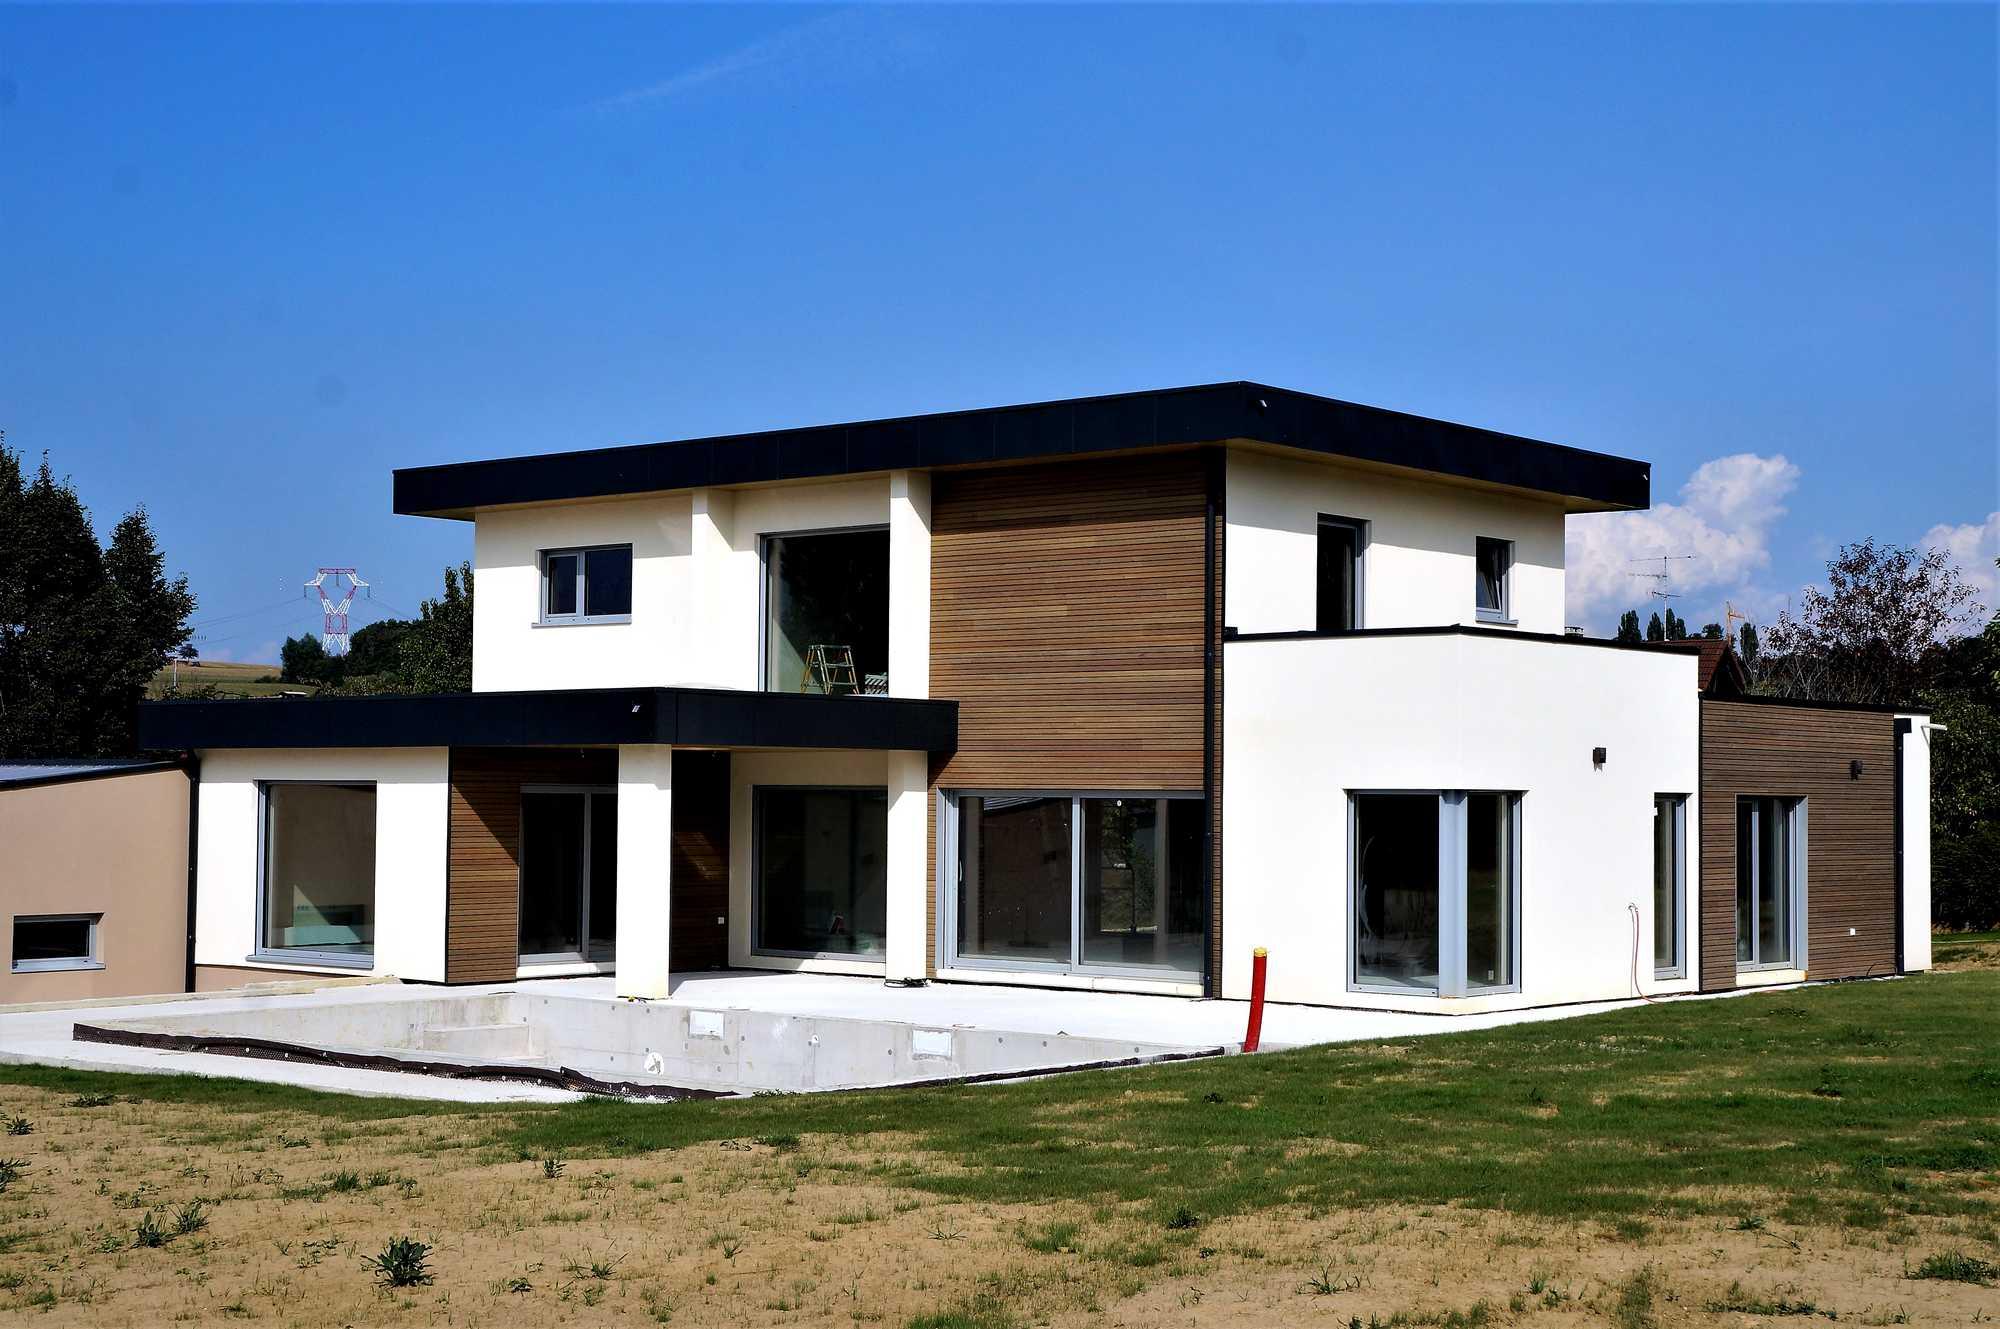 Cout d une maison ossature bois en autoconstructio for Cout construction maison 100m2